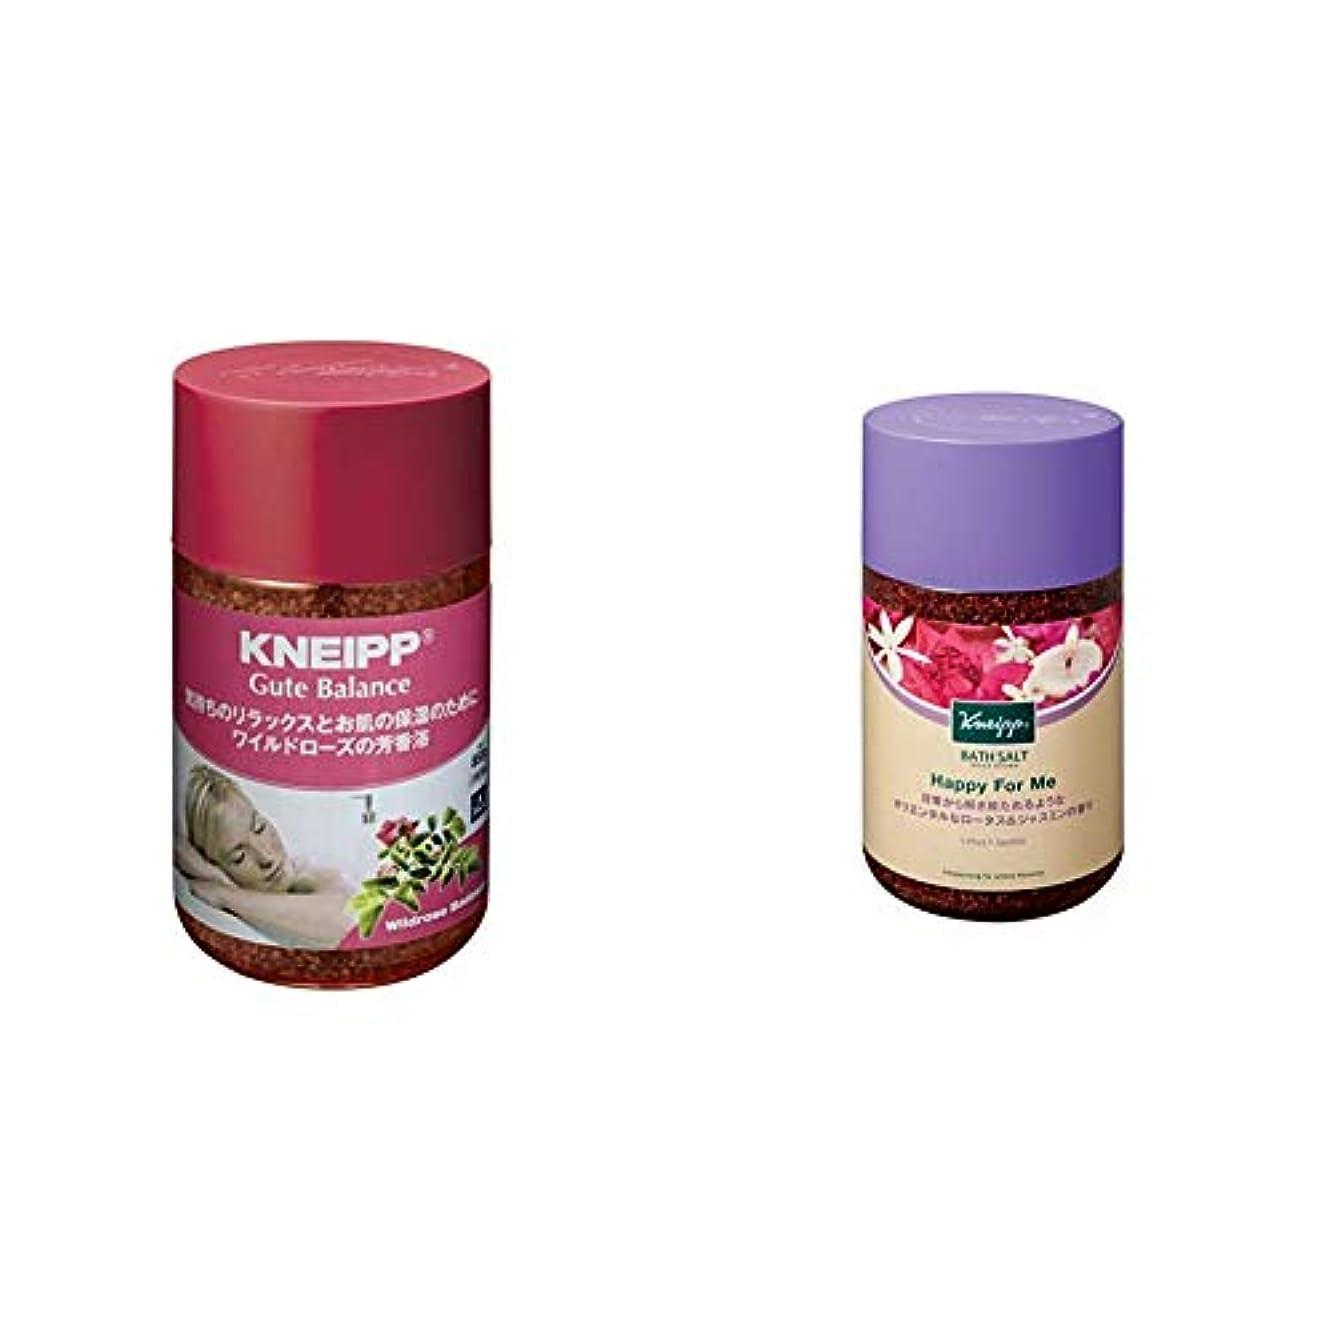 そこ変換ワットクナイプ バスソルト グーテバランス ワイルドローズの香り 850g & バスソルト ハッピーフォーミー ロータス&ジャスミンの香り